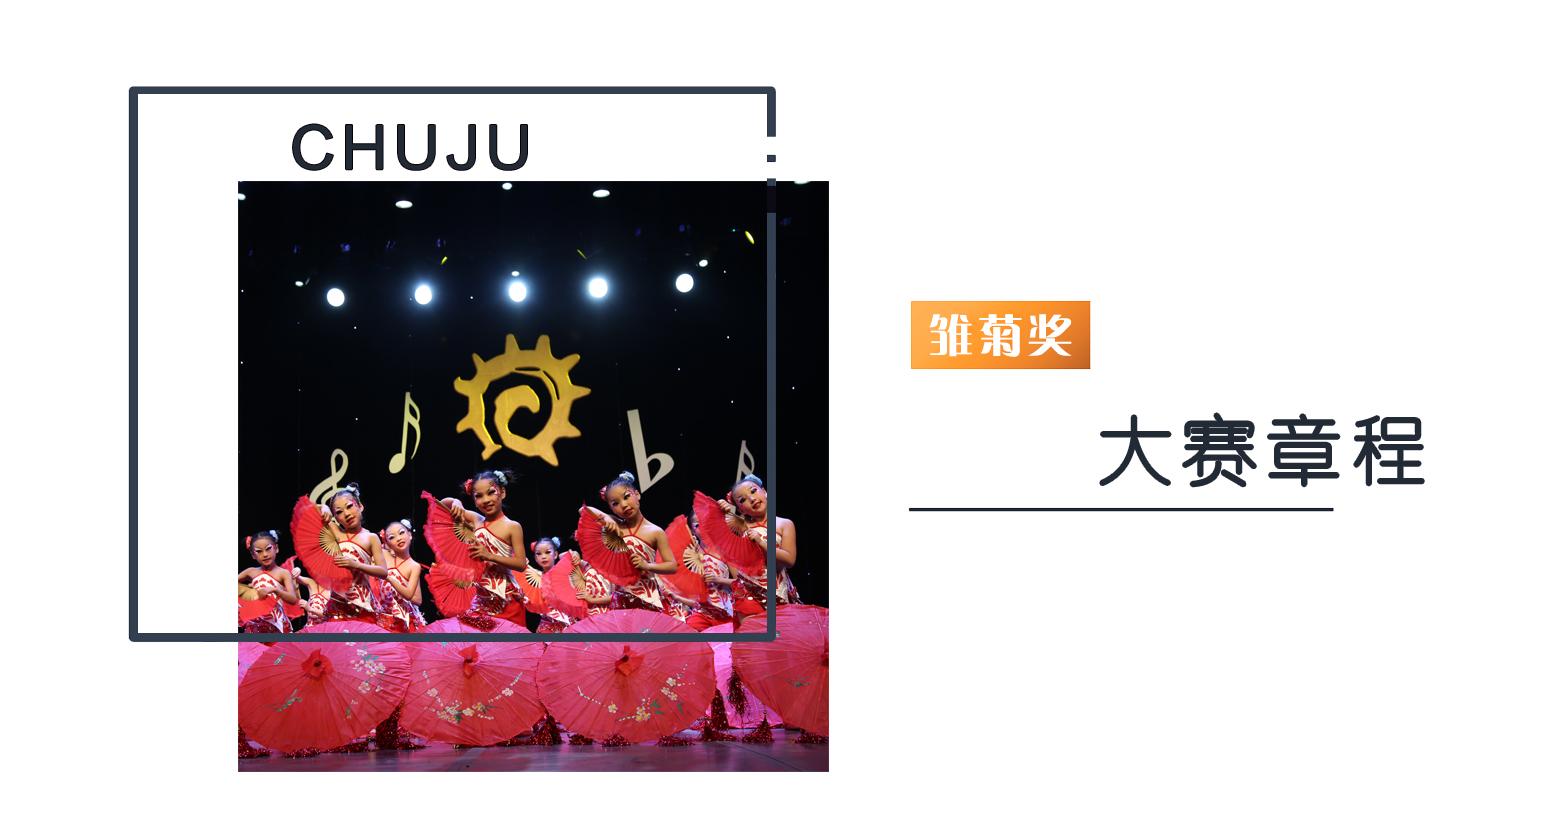 雏菊奖大赛章程.jpg